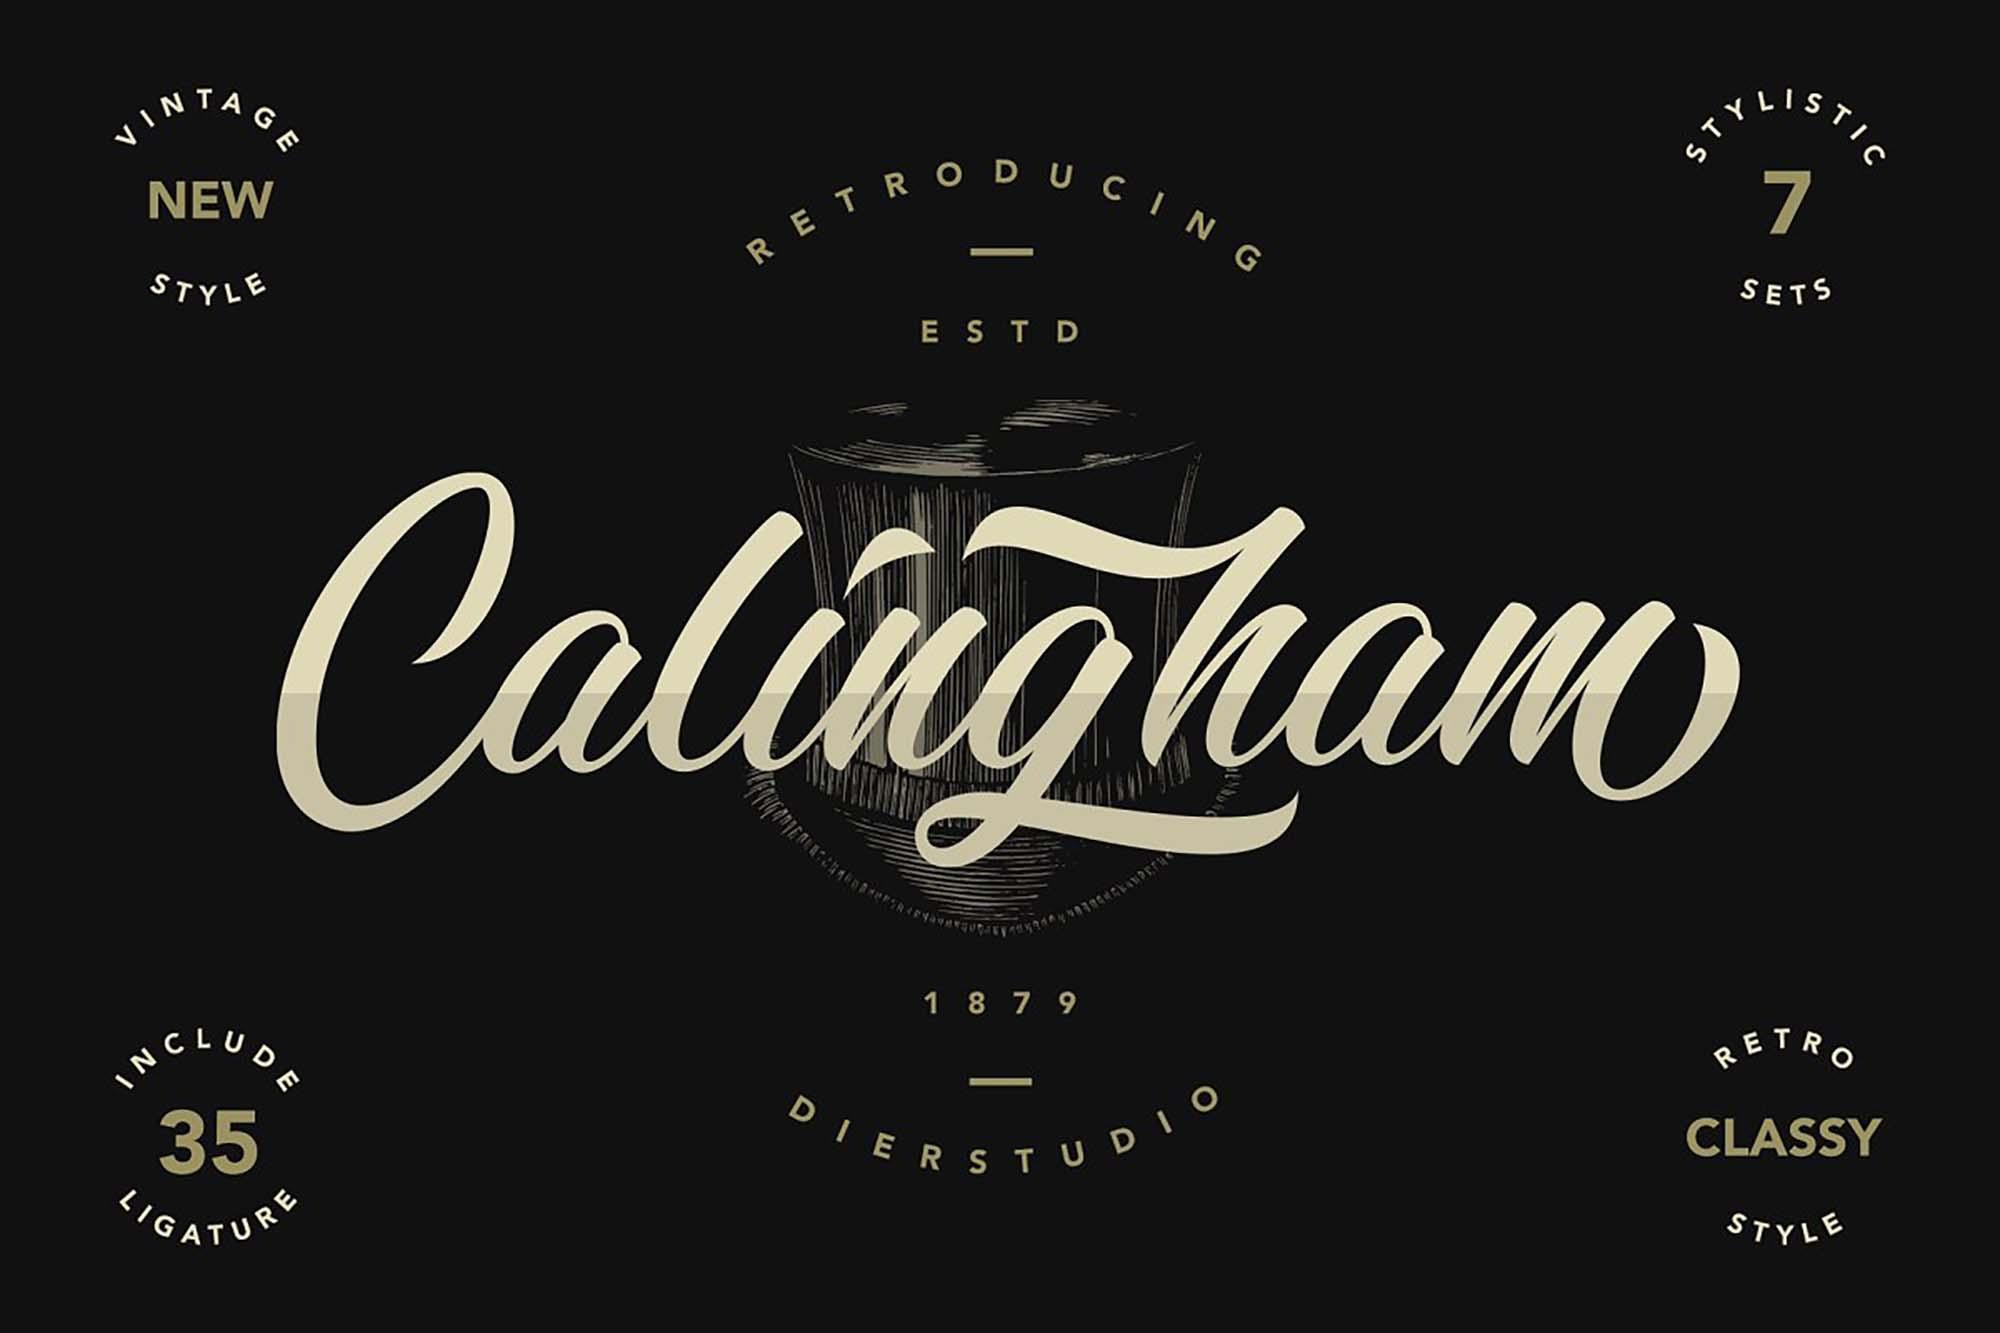 Calingham Script Font